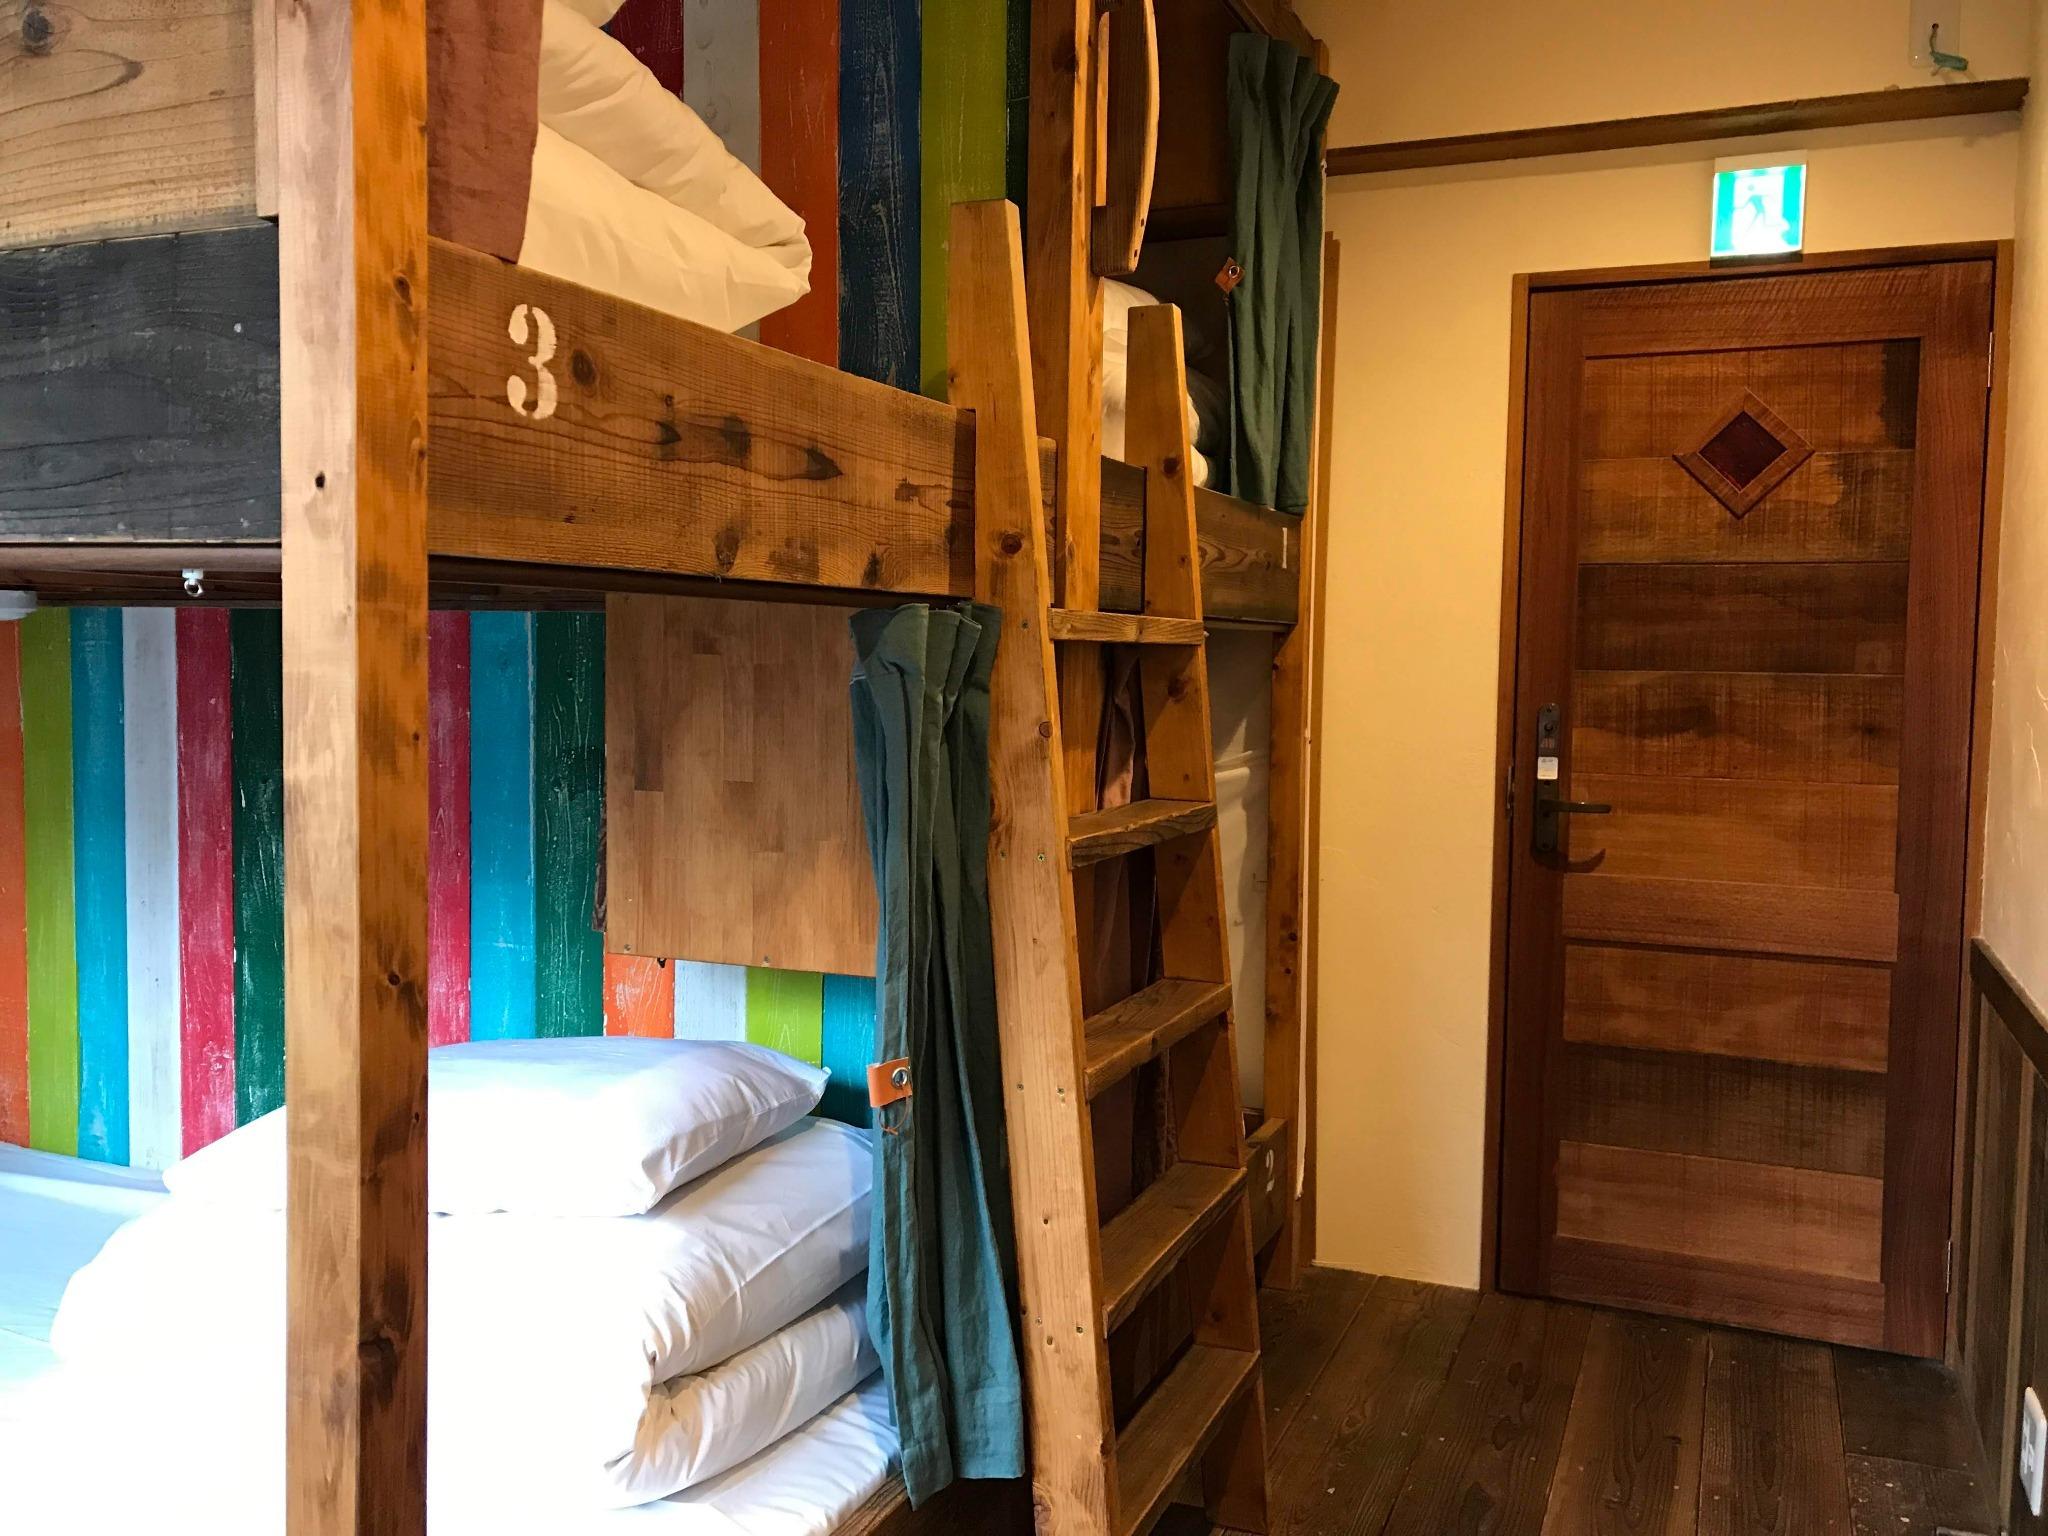 寝具類には綺麗なシーツをセットしてご提供しております。入口のドアはオートロックで施錠されます。ベッド内にはコンセント、ハンガー、枕元ランプ、鏡をご用意しております。